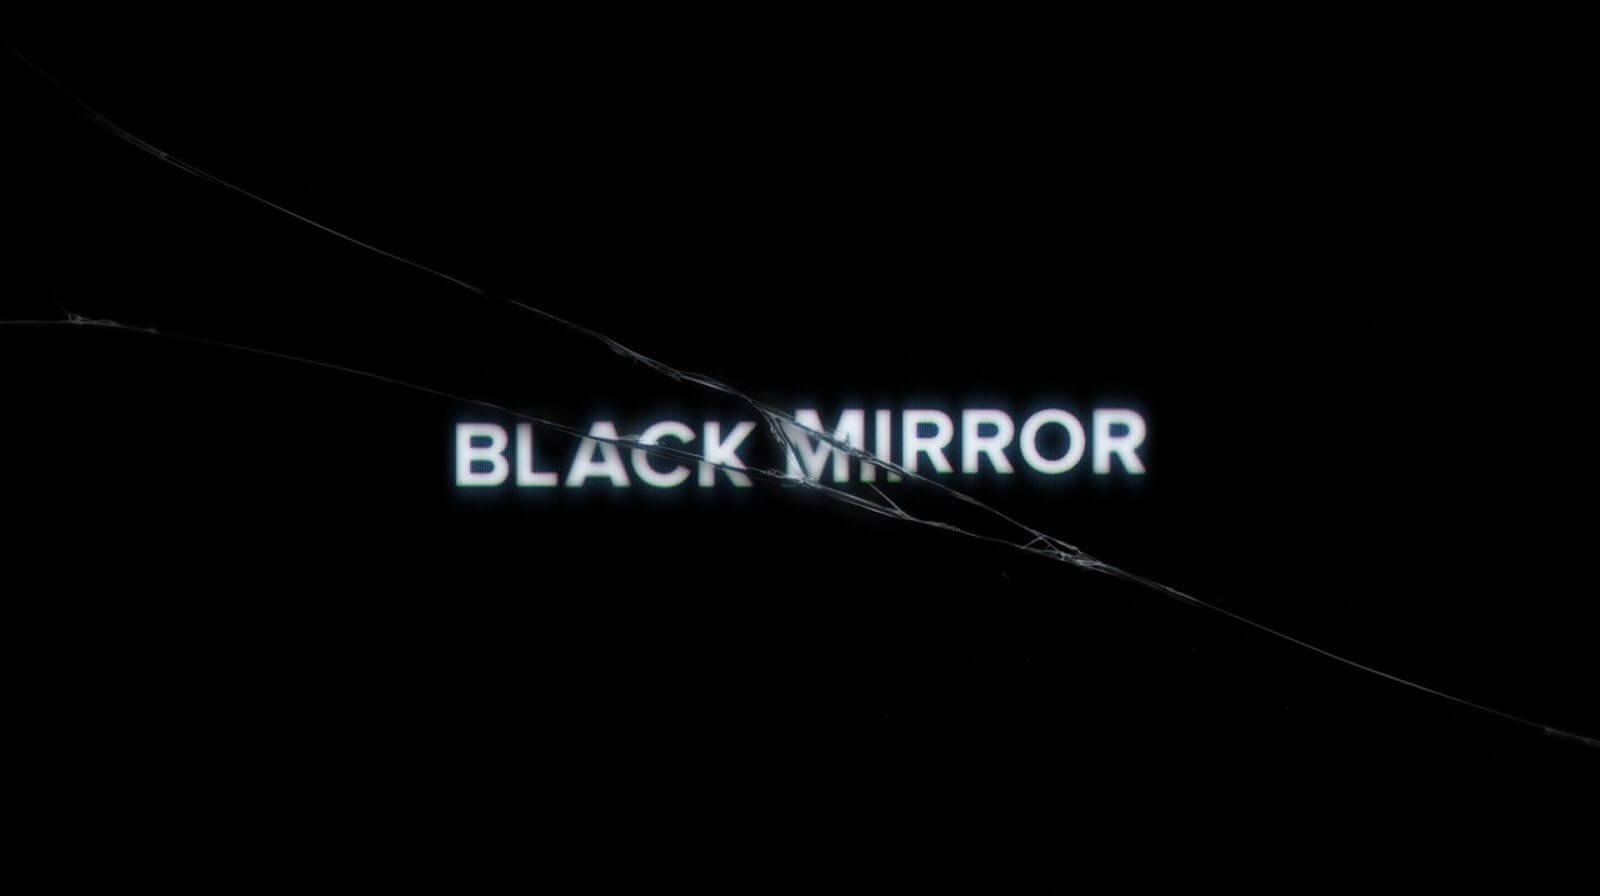 Black Mirror1 - Black Mirror: produtora comenta os episódios da 4ª temporada